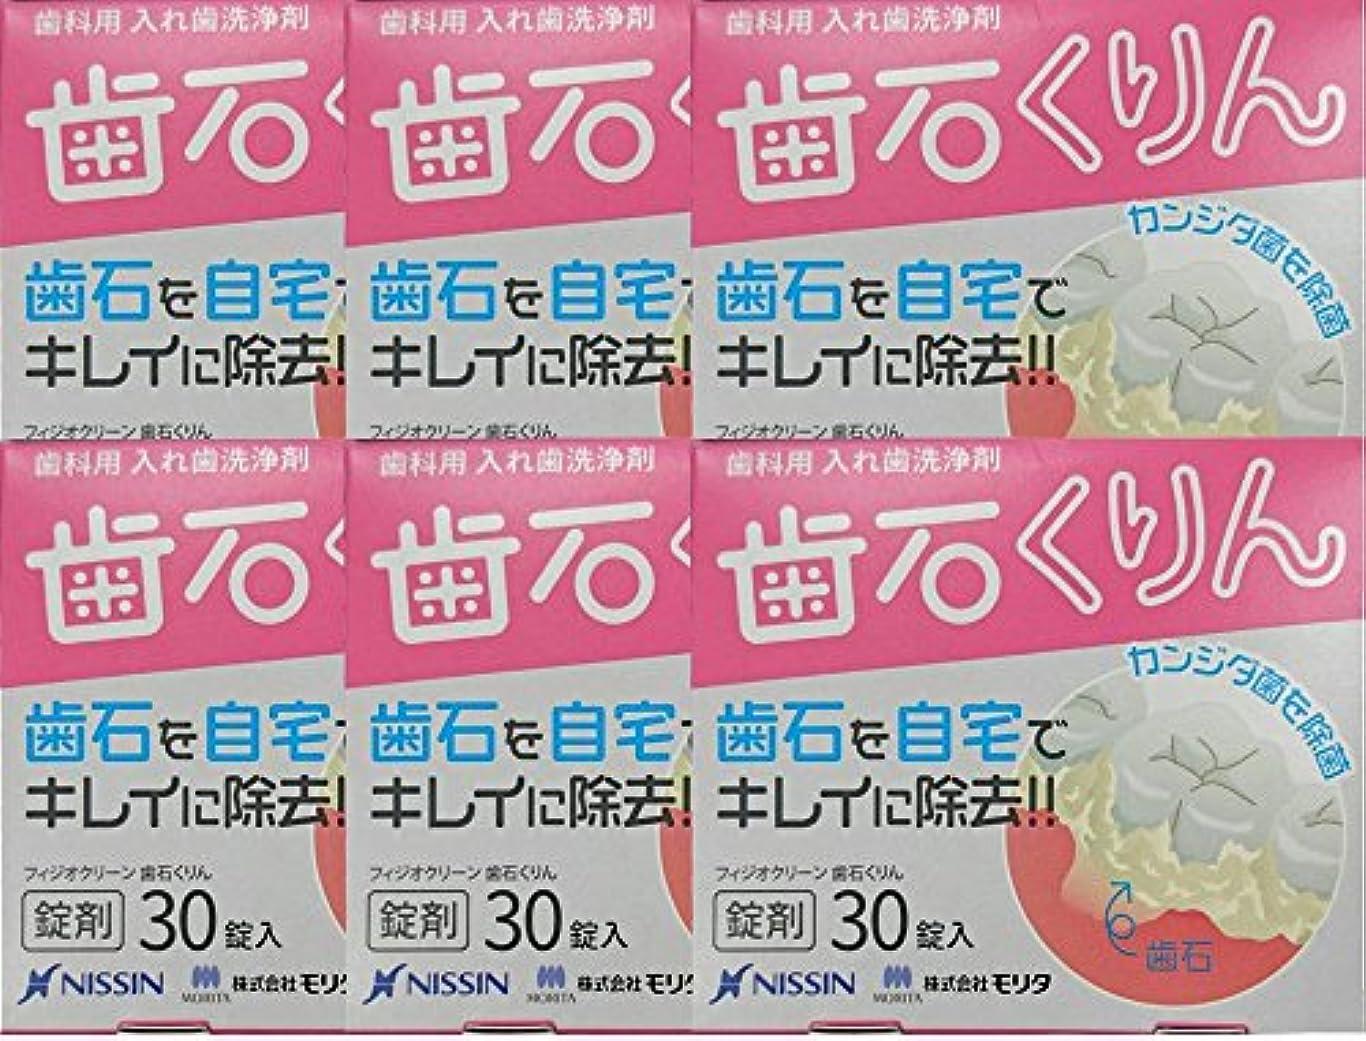 敵アンソロジー満足させるフィジオクリーン 歯石くりん30錠 (6箱)